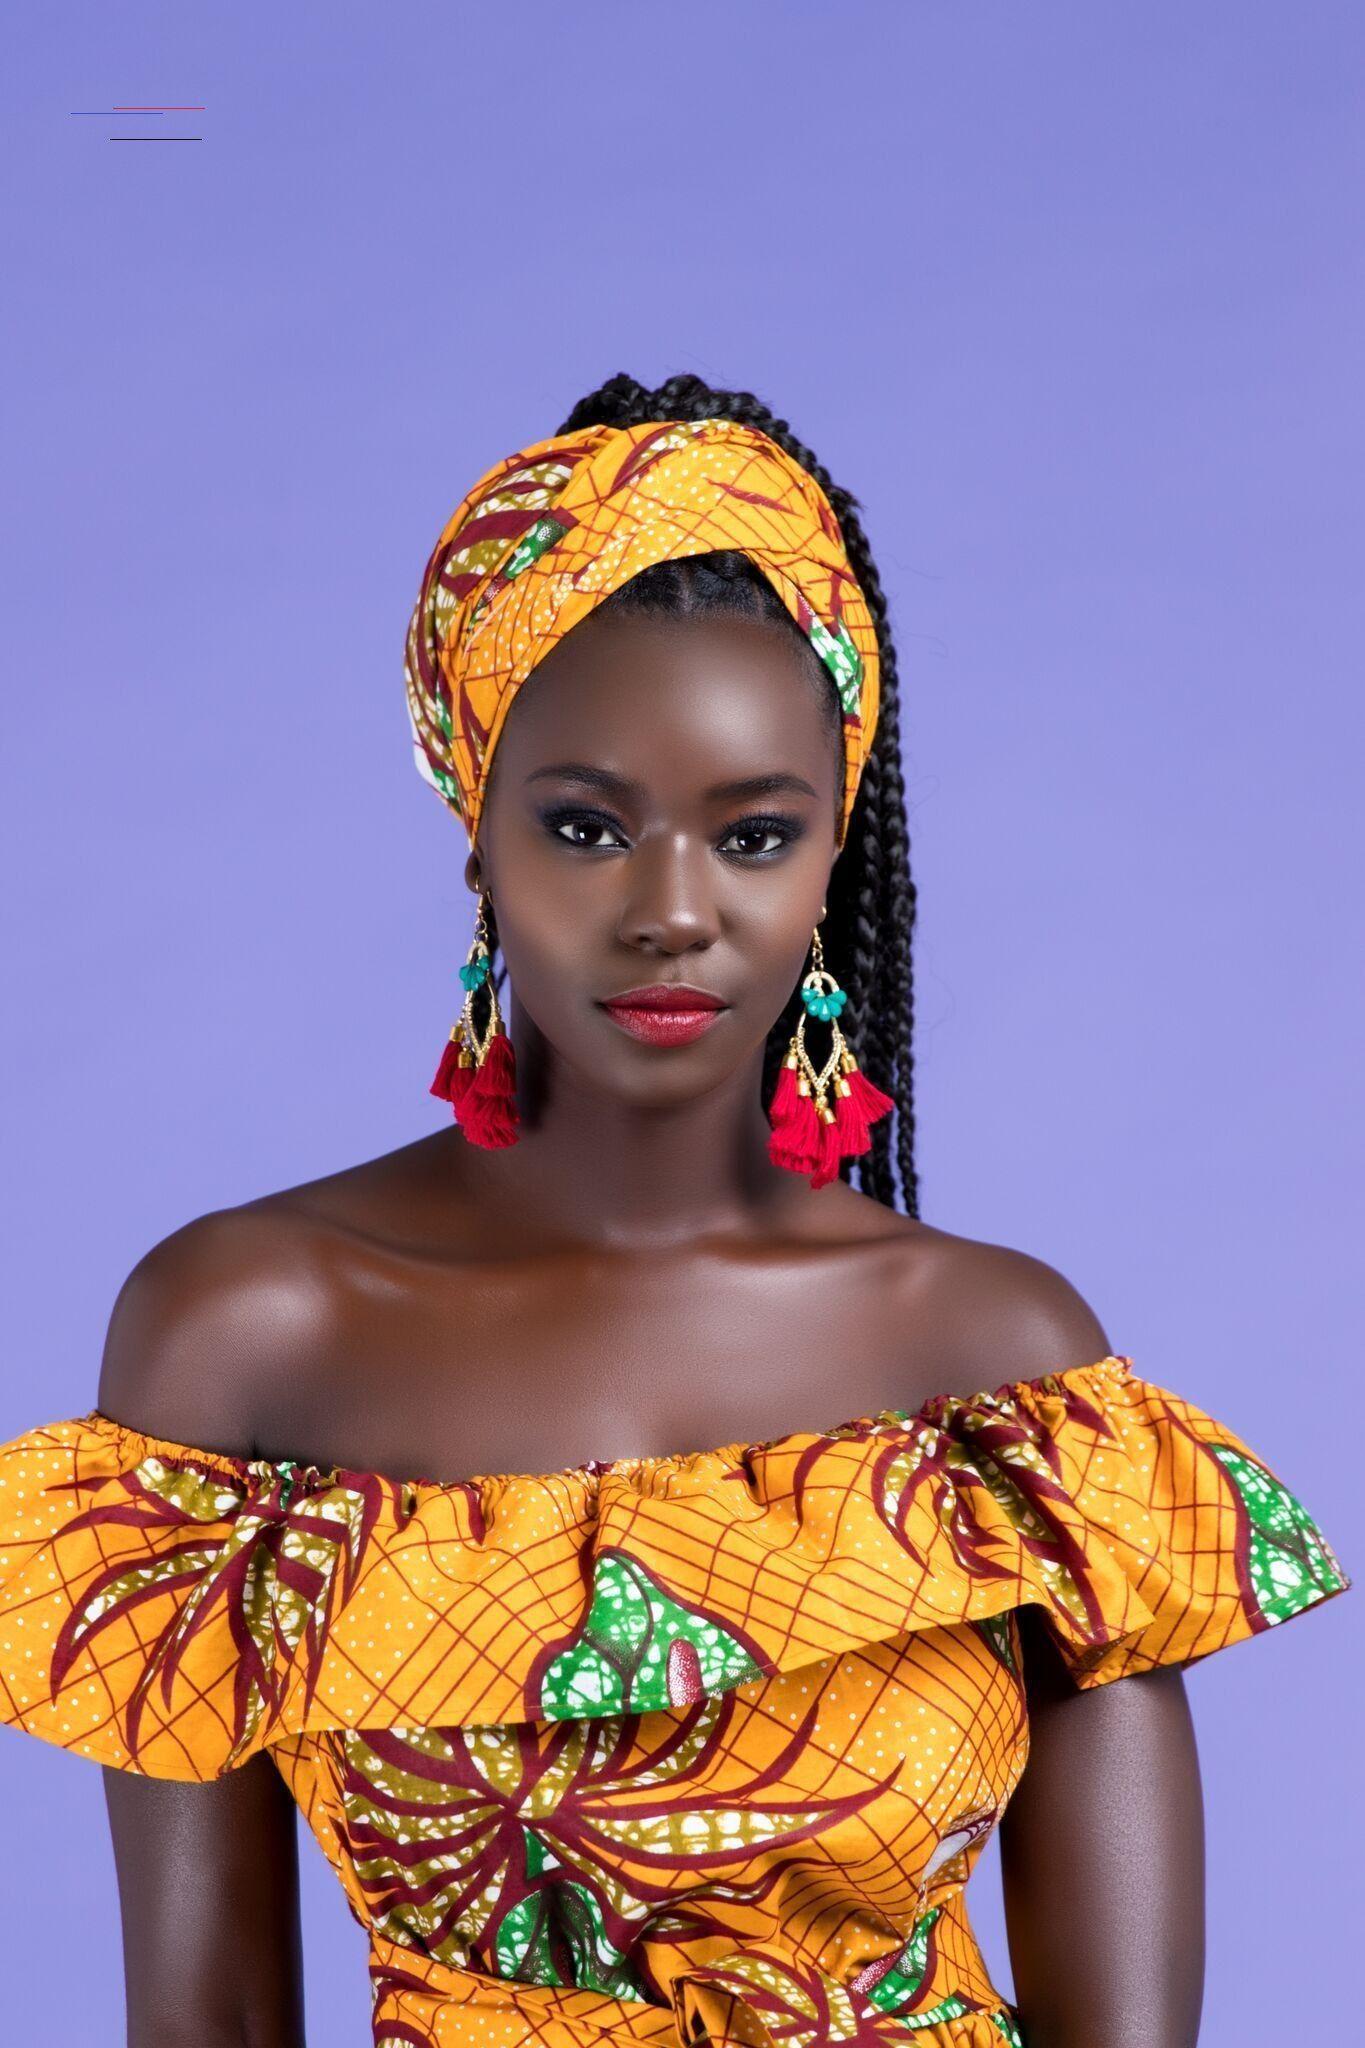 #afrikanischerstil | Schöne afrikanische frauen